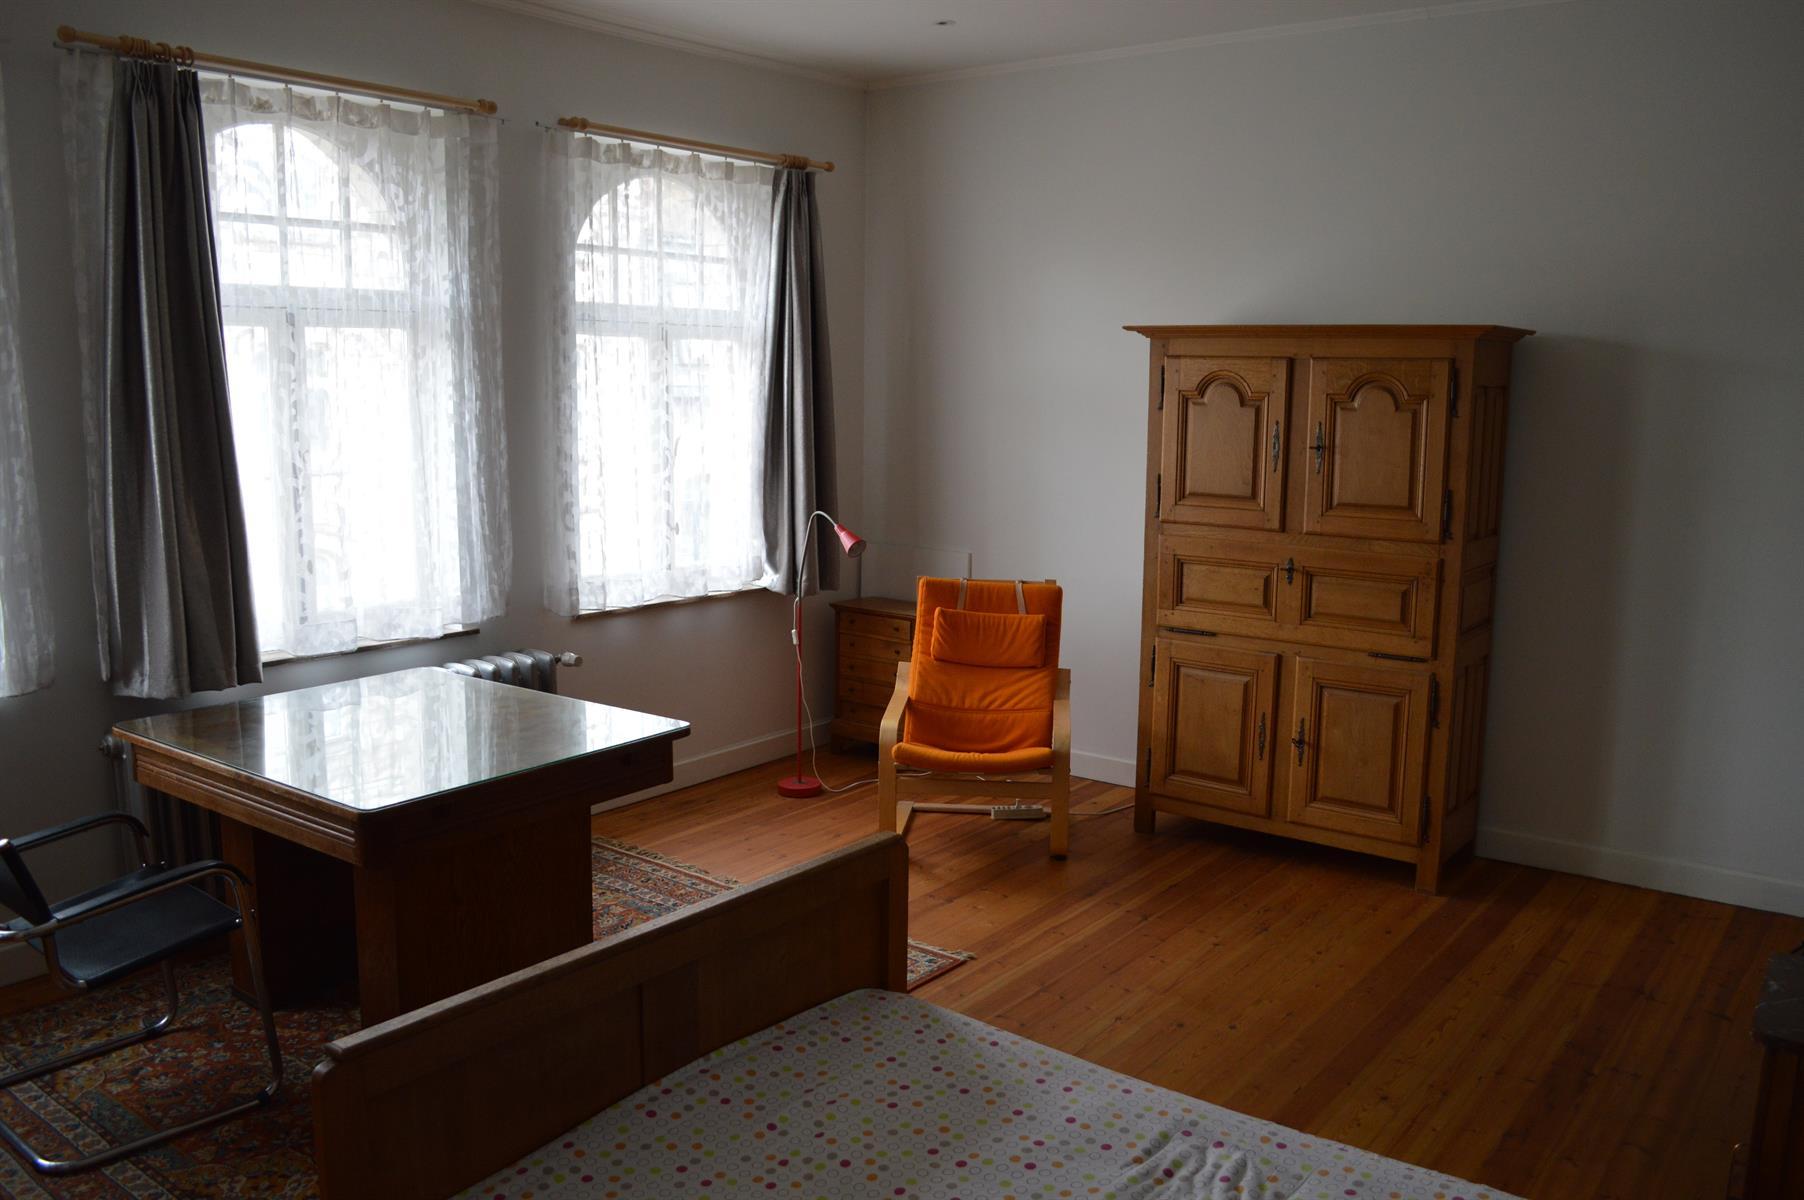 Huis - Etterbeek - #4140333-19